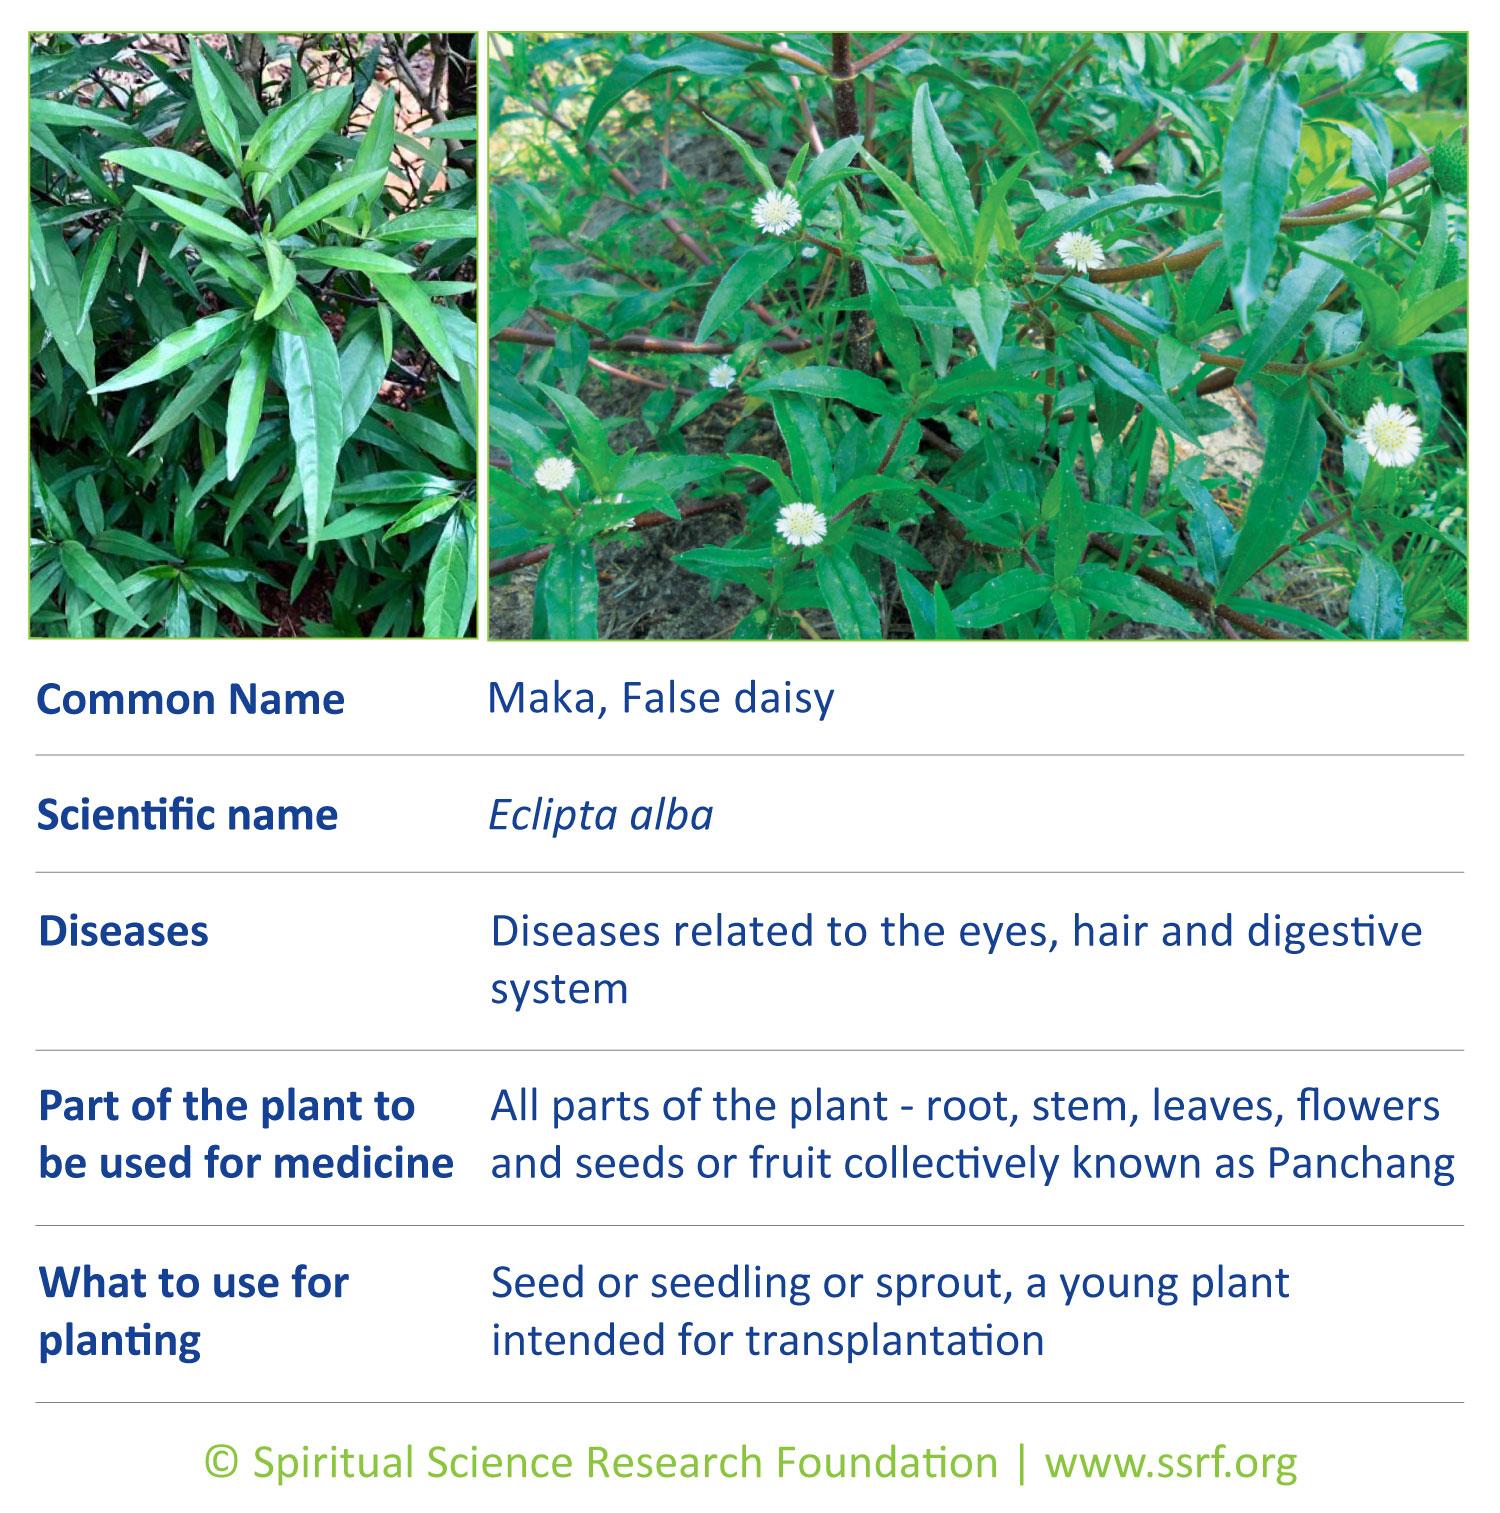 herbs-8-maka